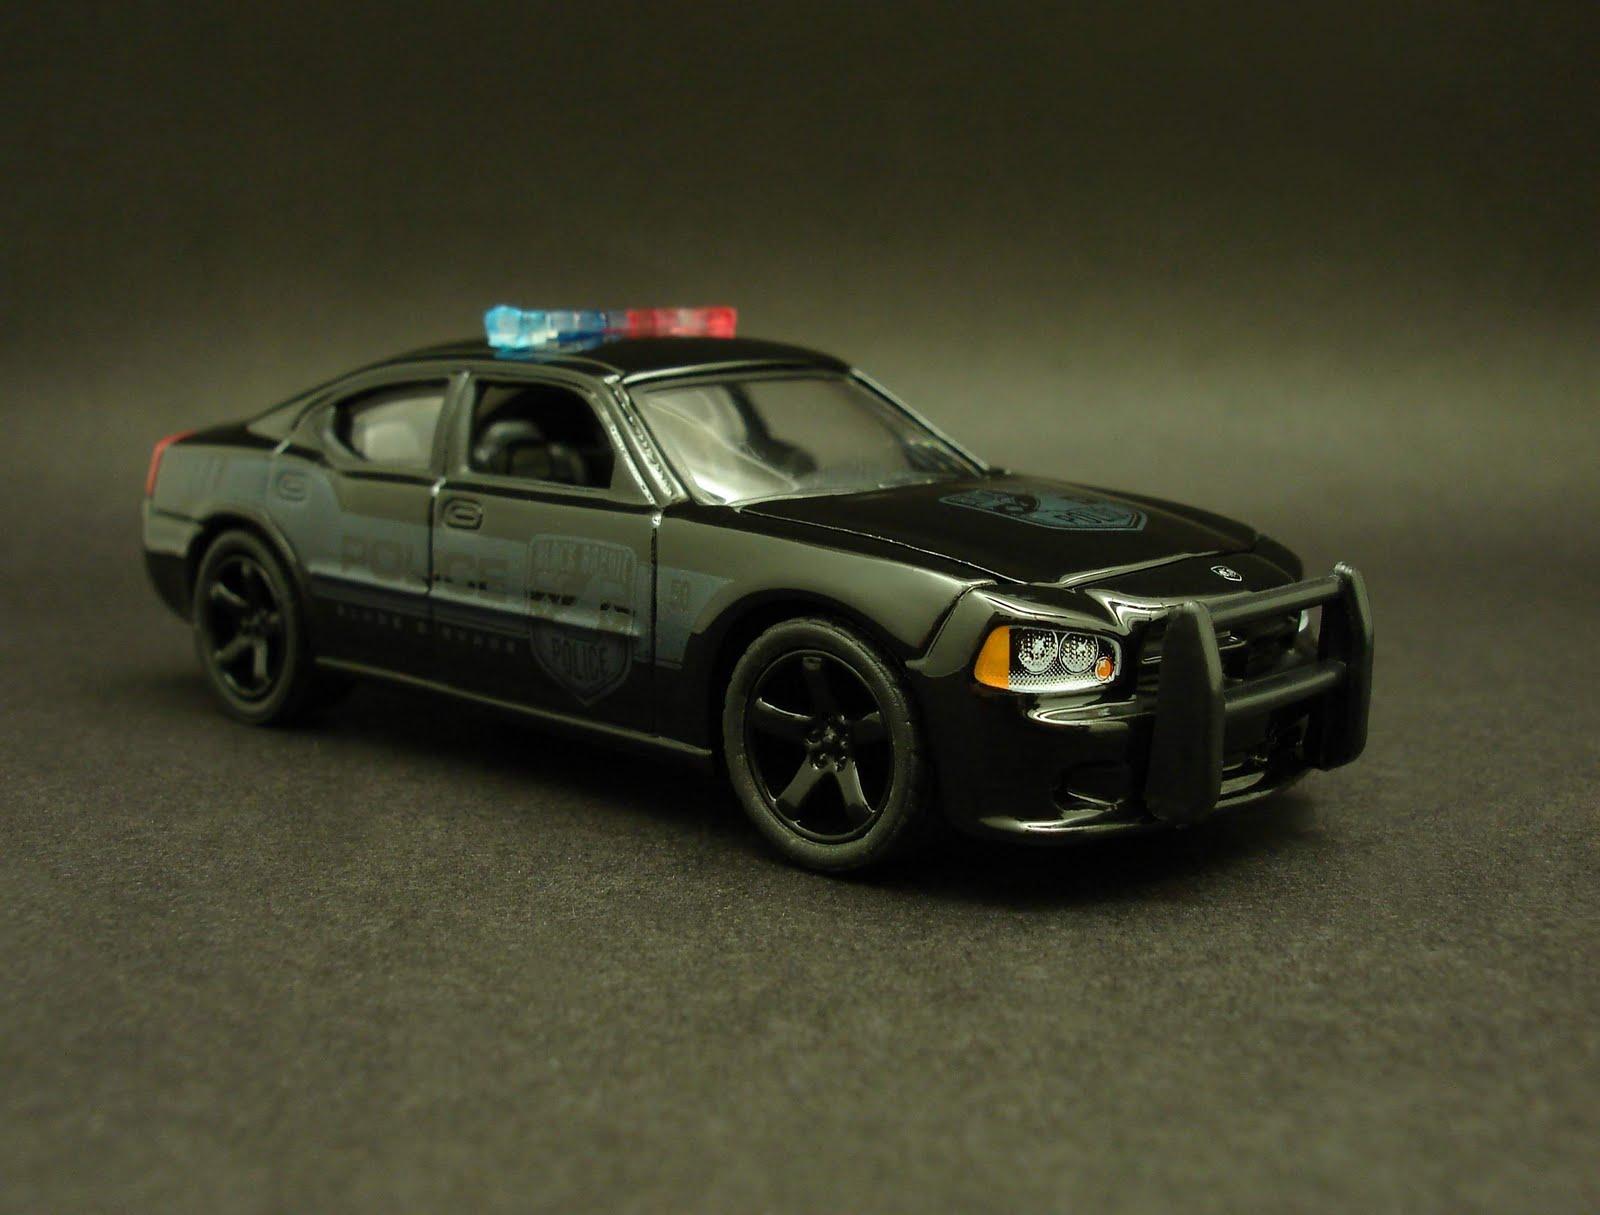 Diecast Hobbist 2006 Dodge Charger Black Bandit Police Car